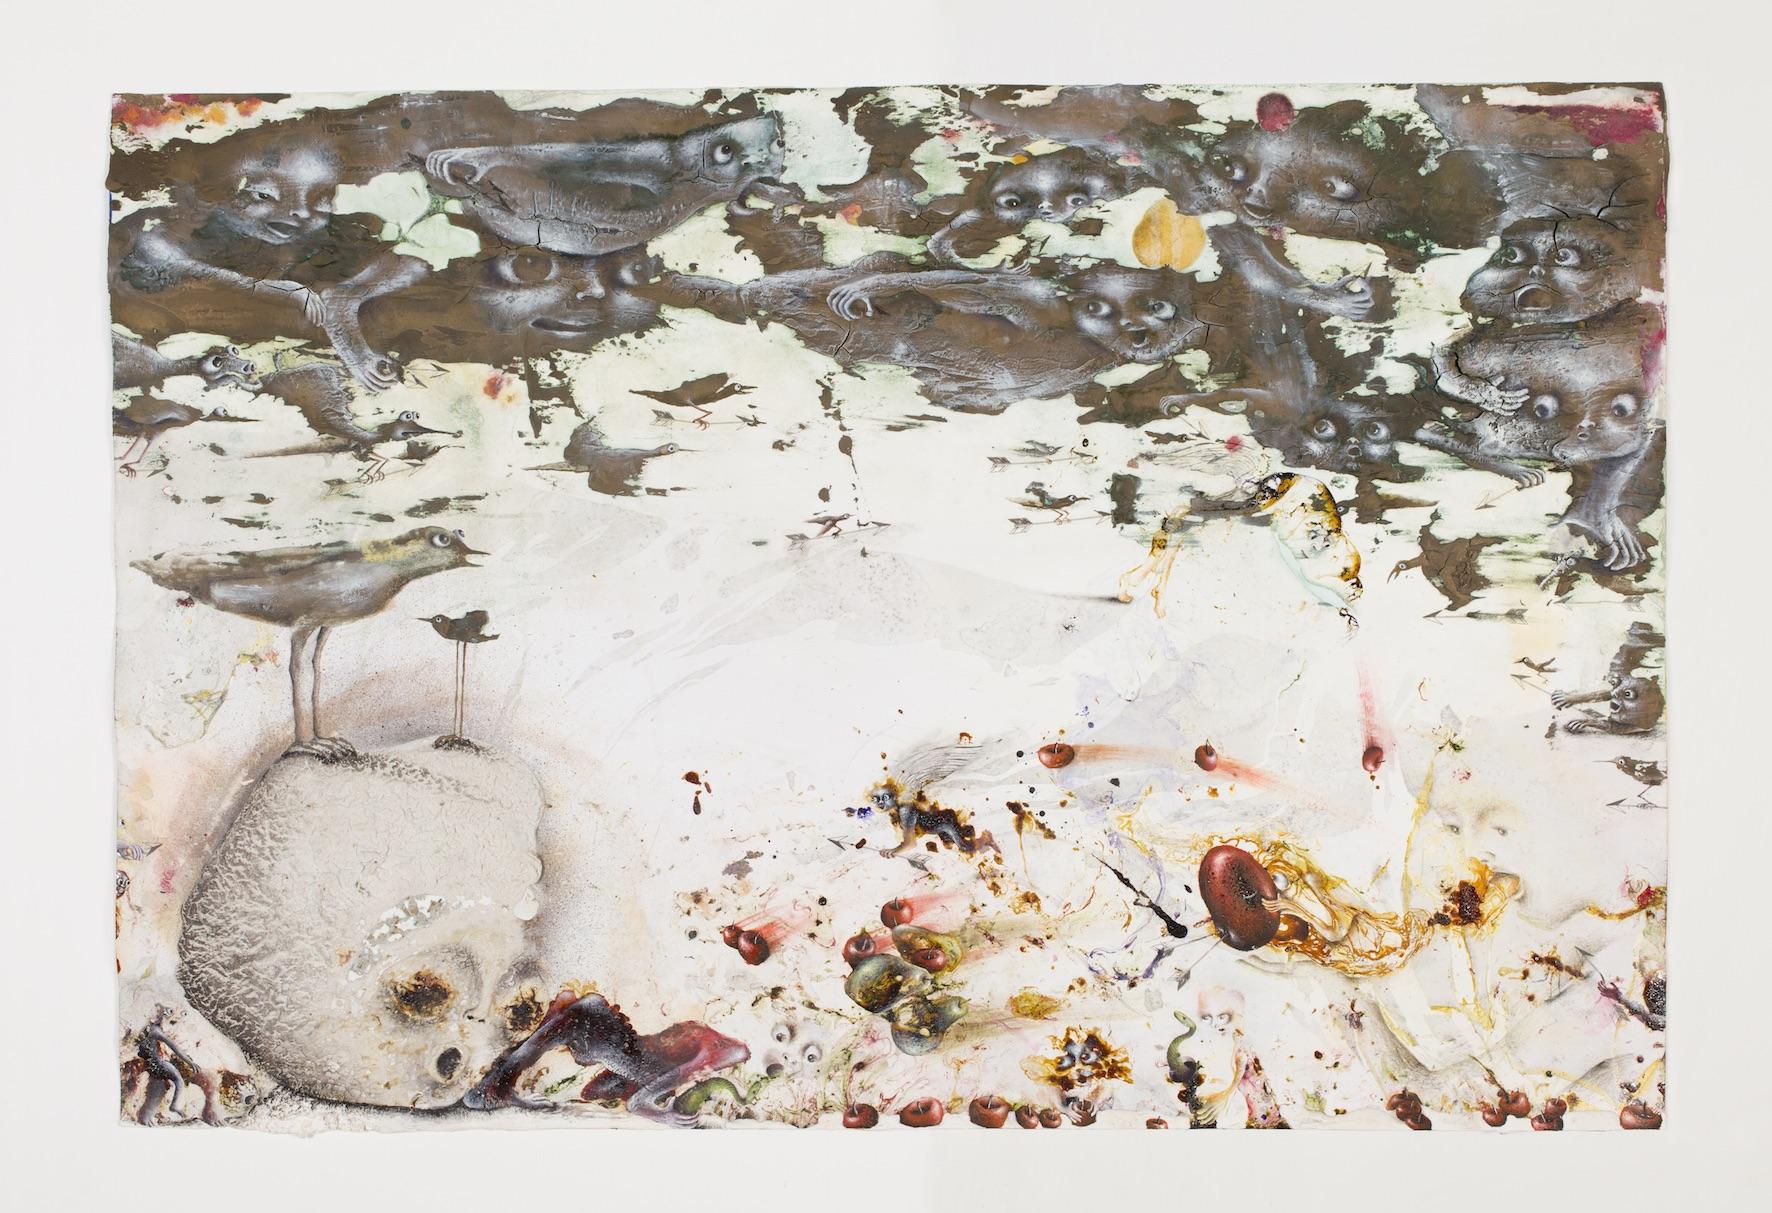 Coup en flèche, 2016,Email à froid, huile, plâtre, métal, crayon de couleur, décalcomanie sur papier, 40 x 59,5 cm